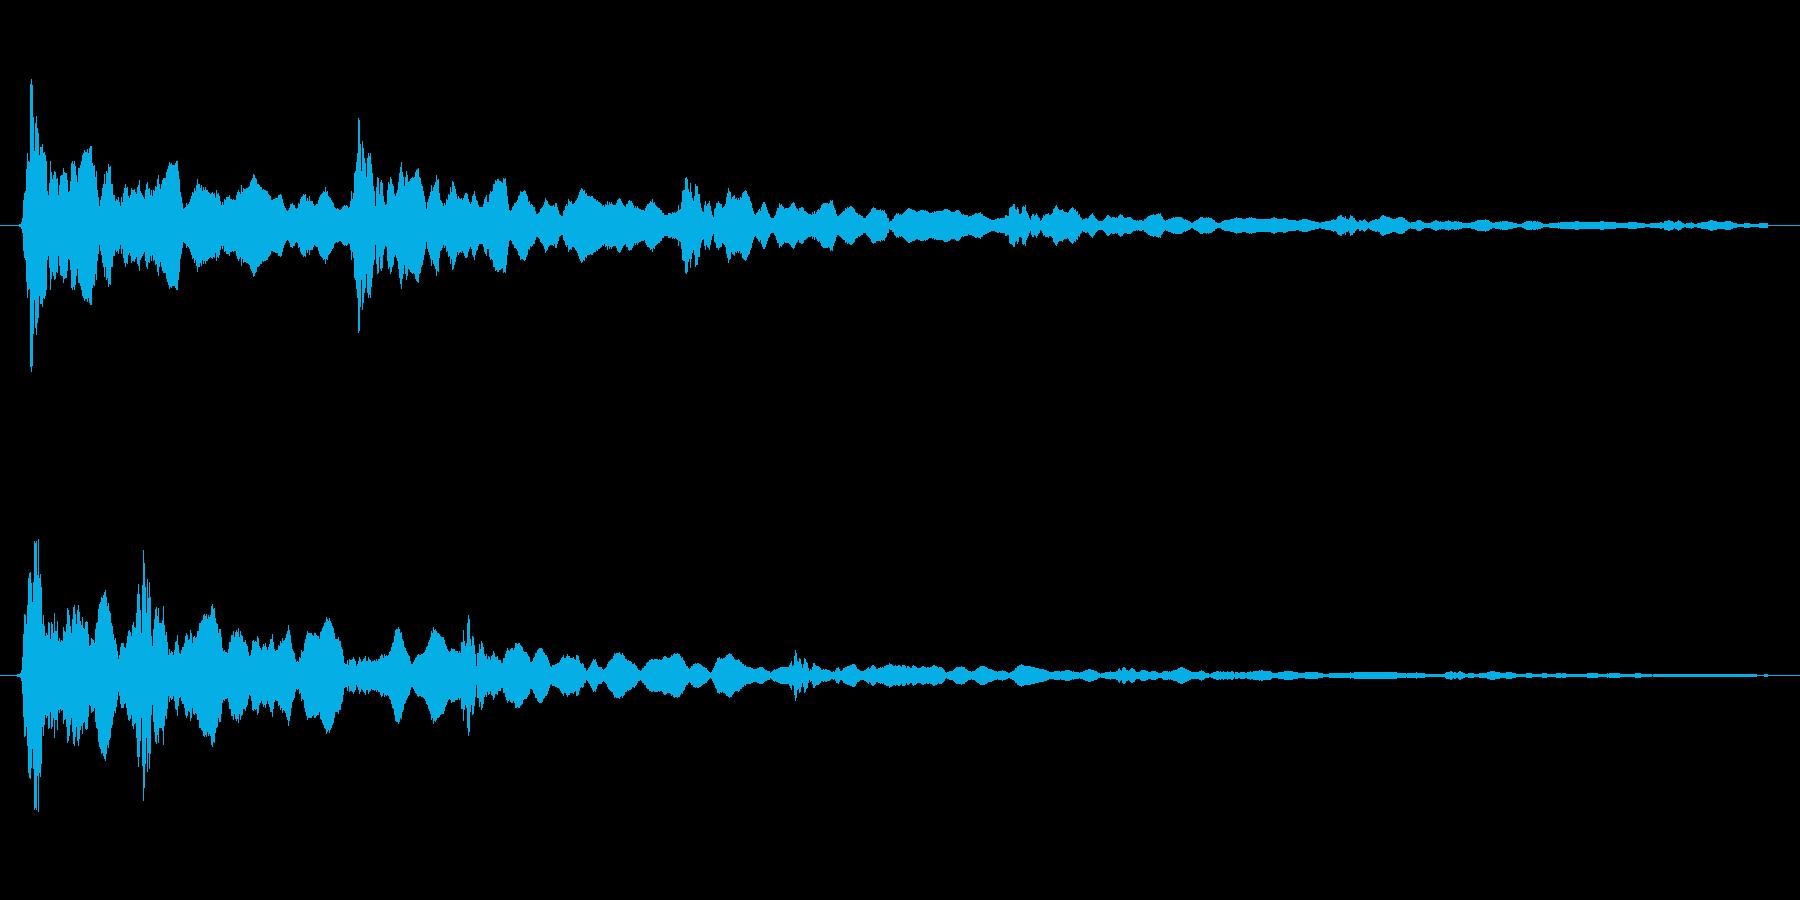 閃いた時の「ピキーン」という感じの音の再生済みの波形